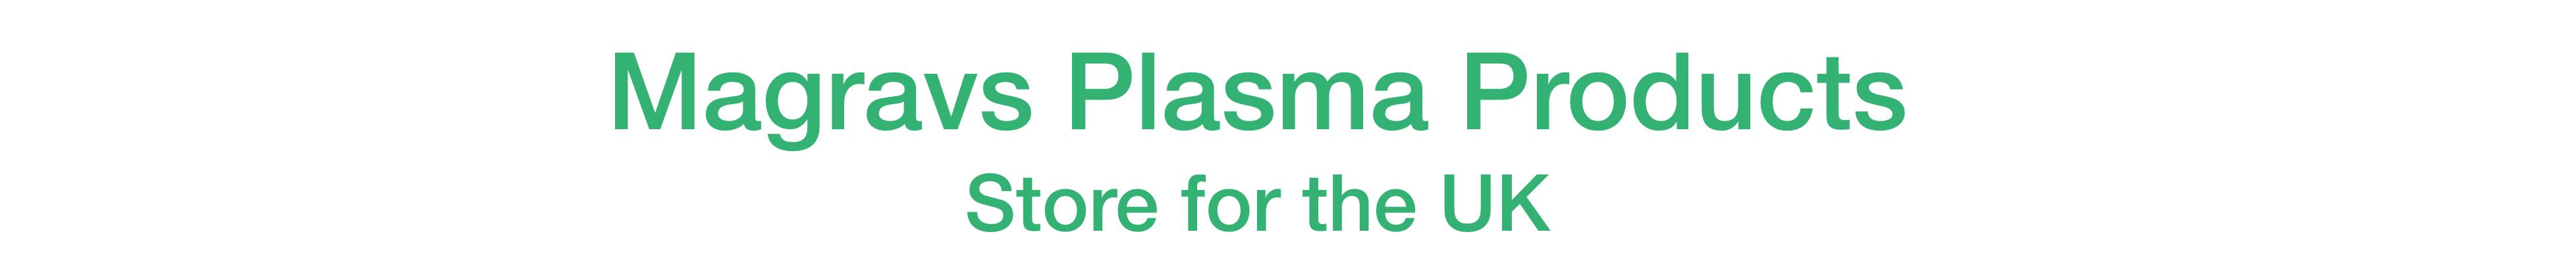 Magravs Plasma UK Stores